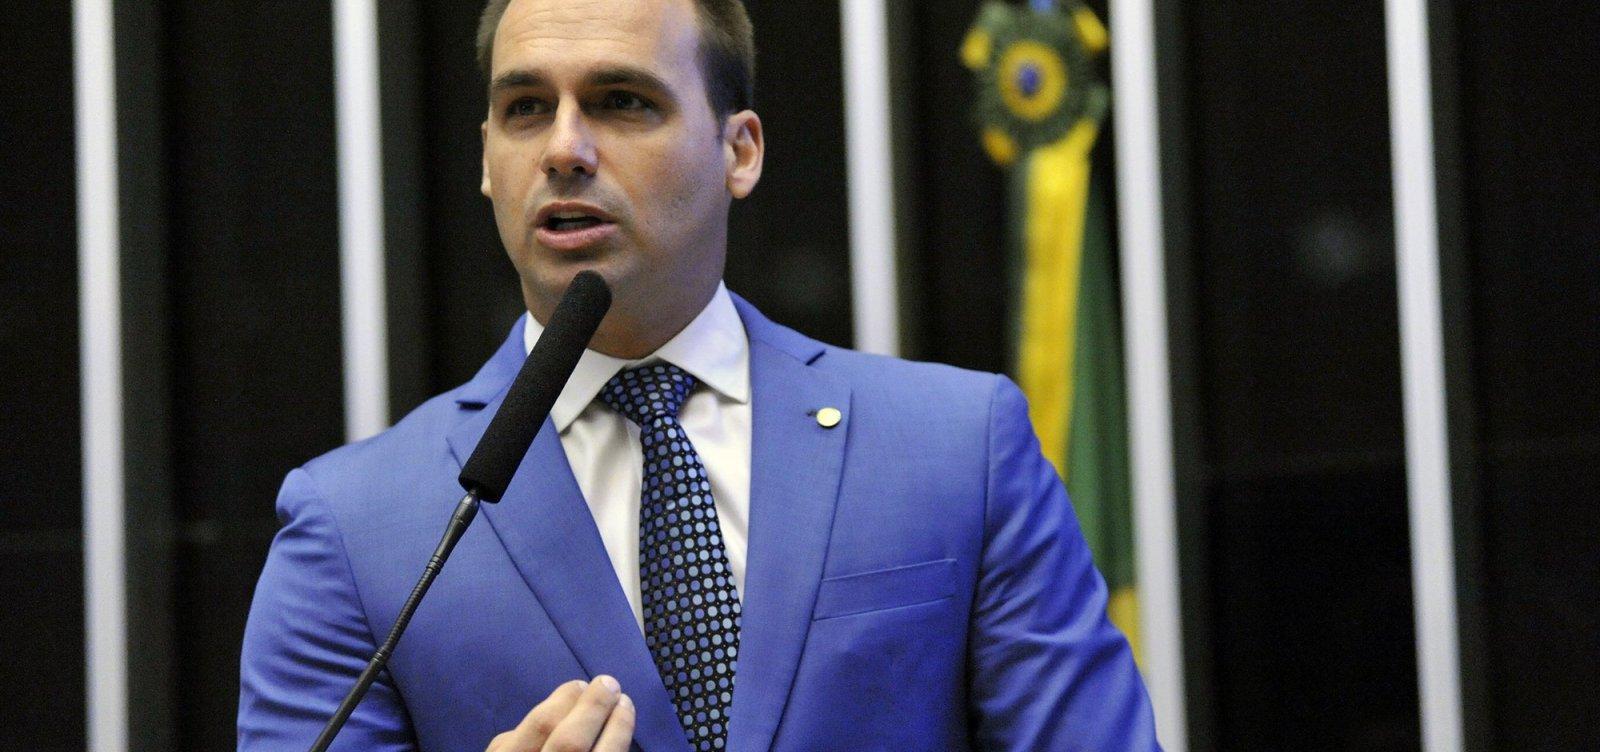 Eduardo Bolsonaro está protegido por imunidade parlamentar, diz cúpula da PGR